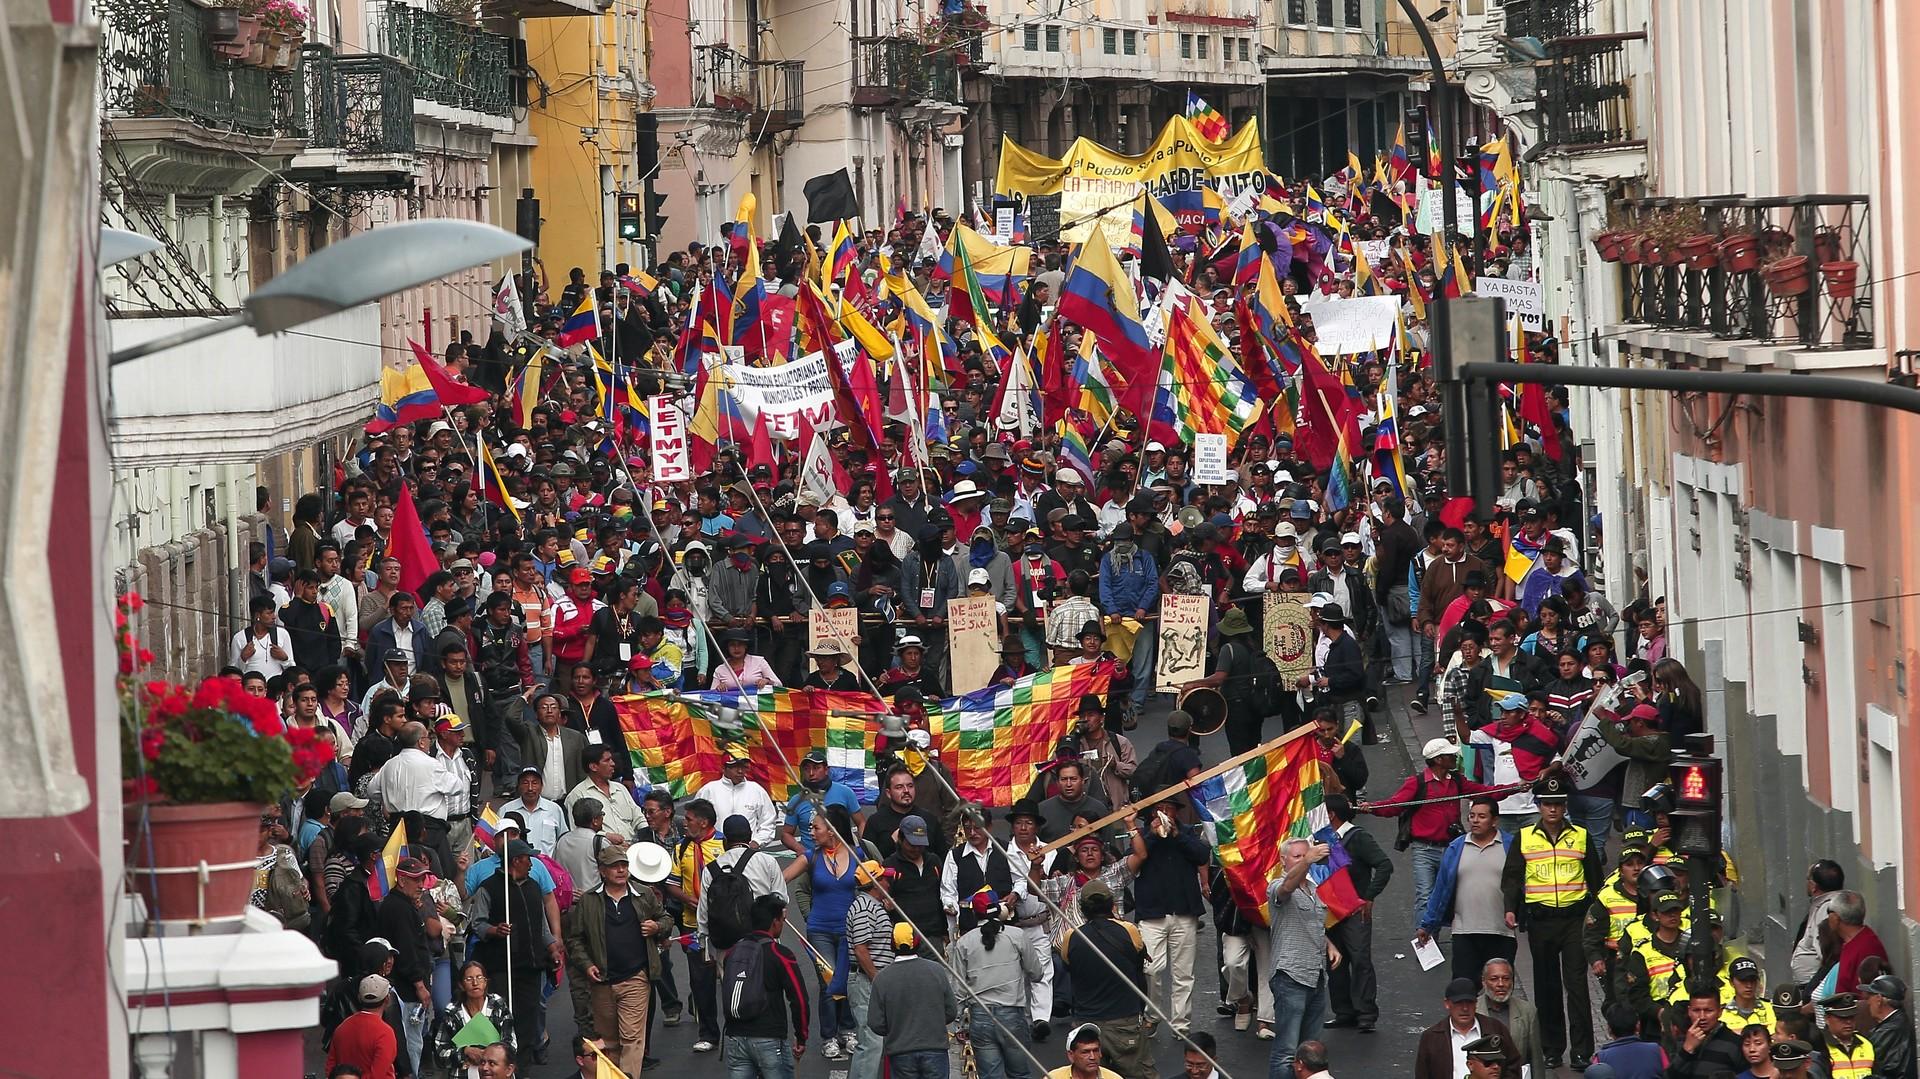 Une grande manifestation a été organisée par une opposition hétéroclite, constituée de partis de droite, de syndicats de travailleurs, de retraités, de médecins et d'avocats